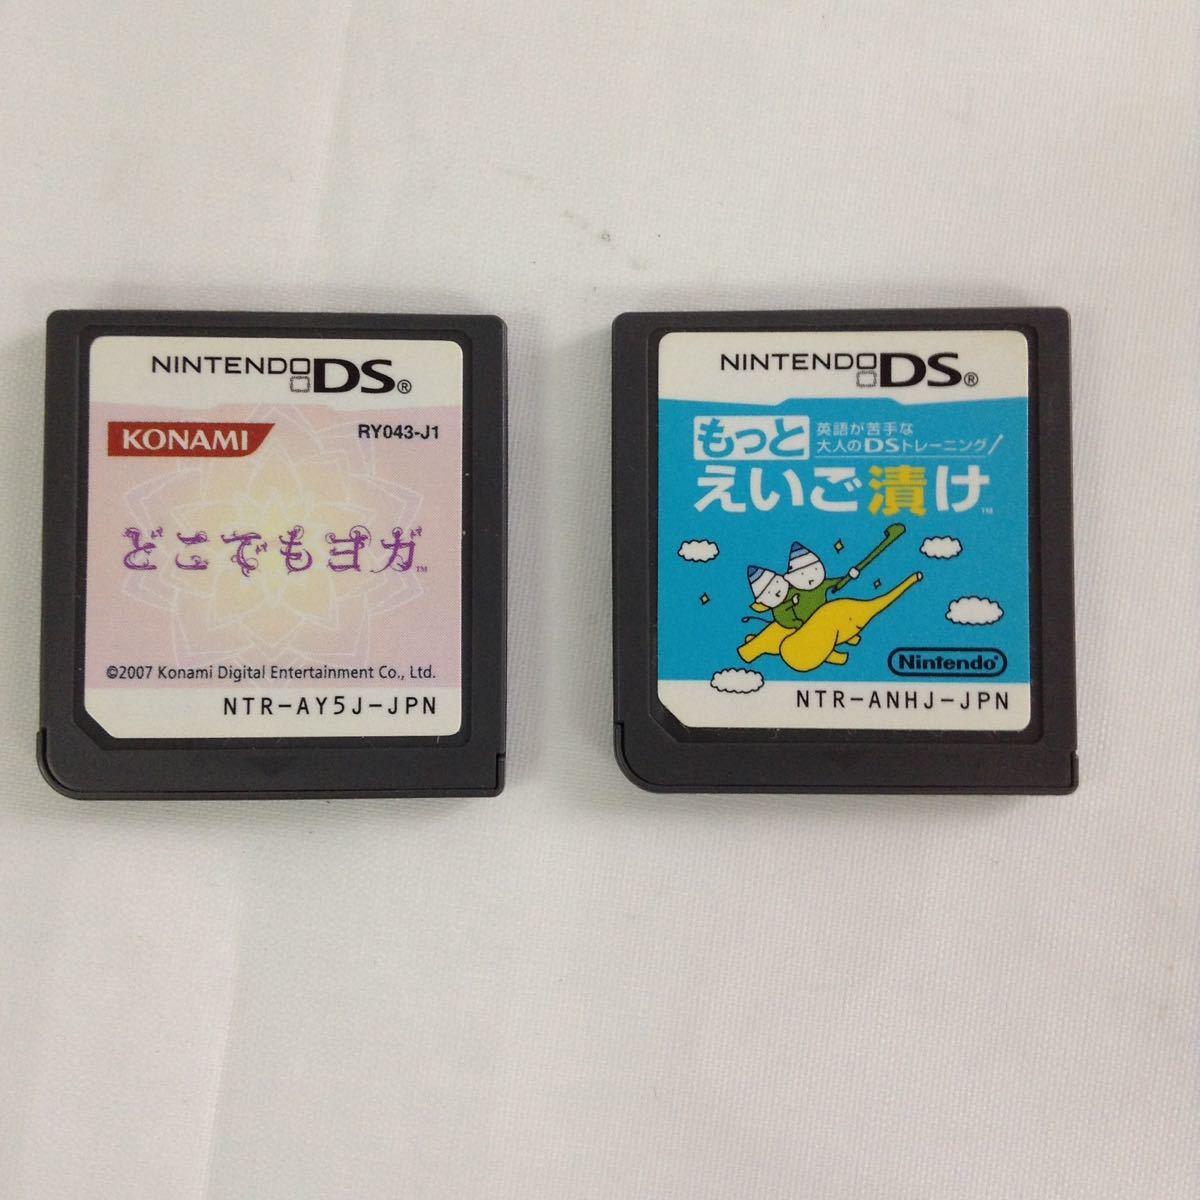 【箱なし中古】ニンテンドー DS lite 本体・ケース・ソフトx2 セット 動作確認済み【ジャンク】_画像6